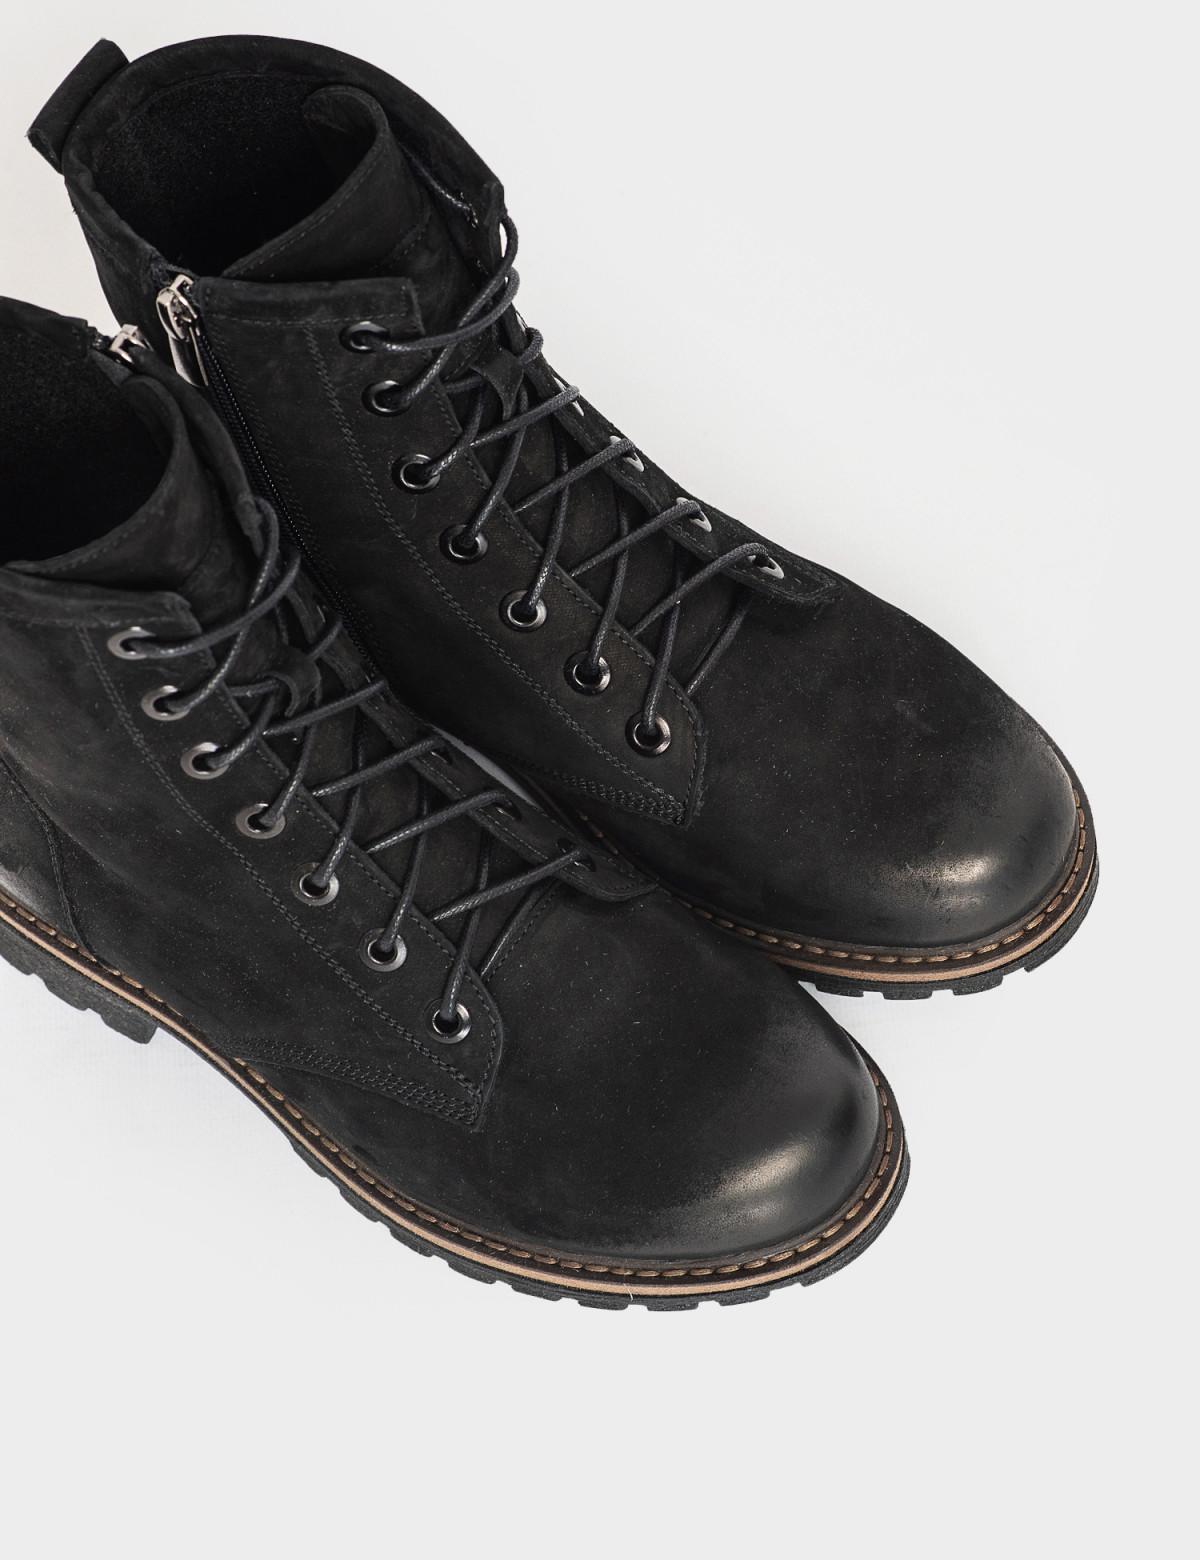 Ботинки черные. Натуральный нубук. Байка3